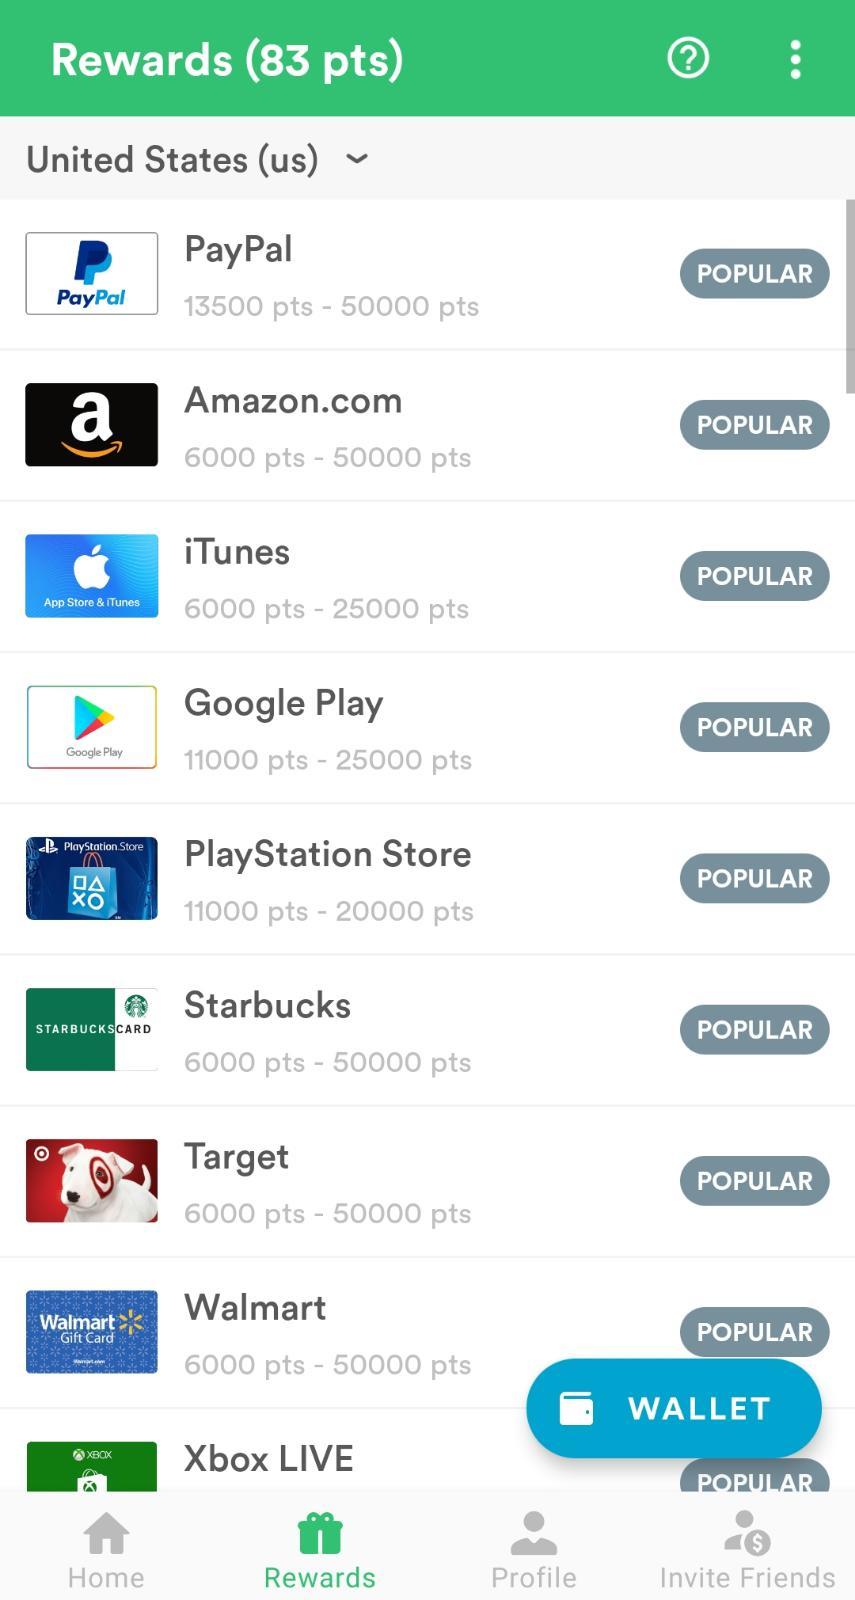 شرح تطبيق appKarma لربح رصيد باي بال مجانا + بطاقات جوجل بلاي مجانا + بطاقات ايتونز + بطاقات امازون